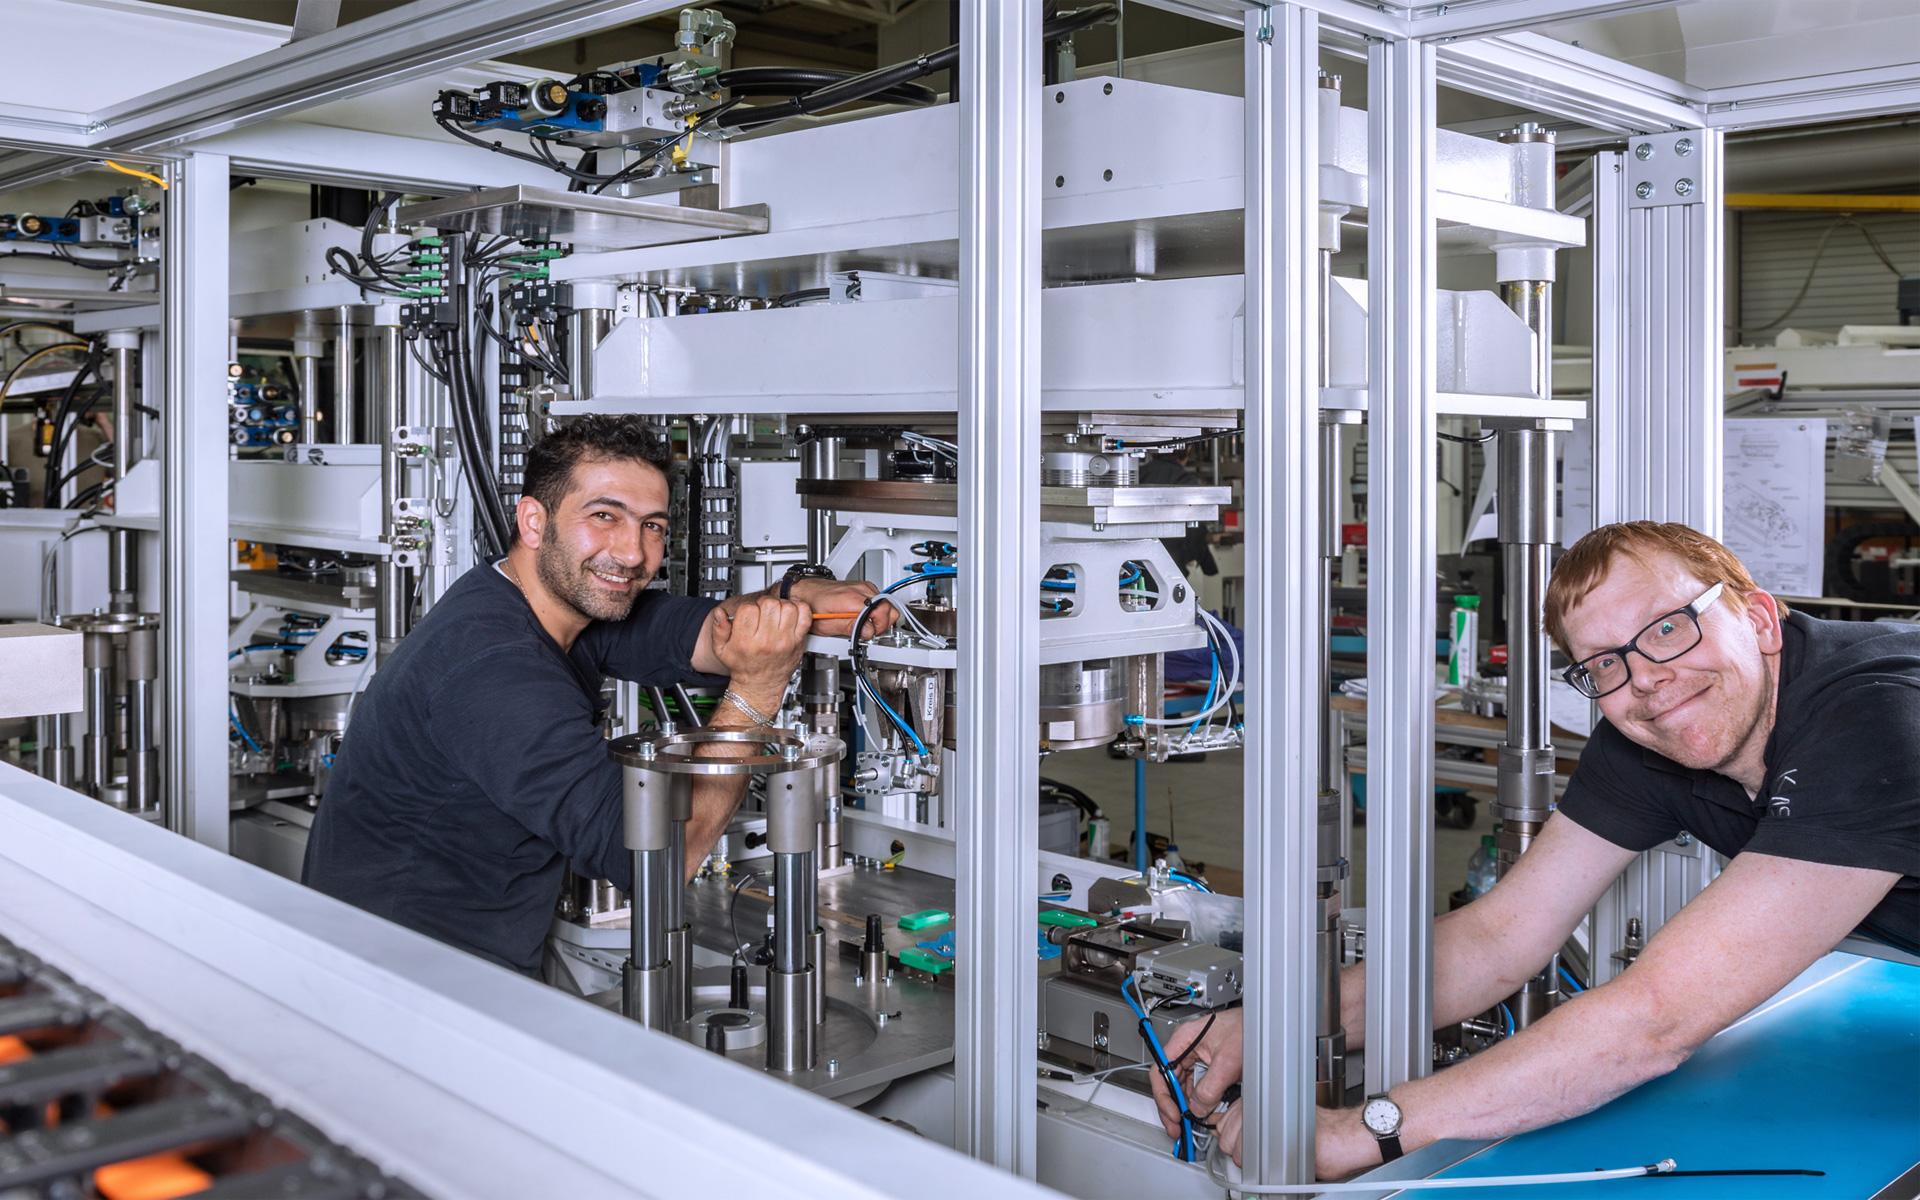 Mitarbeiter arbeitet an der Maschine